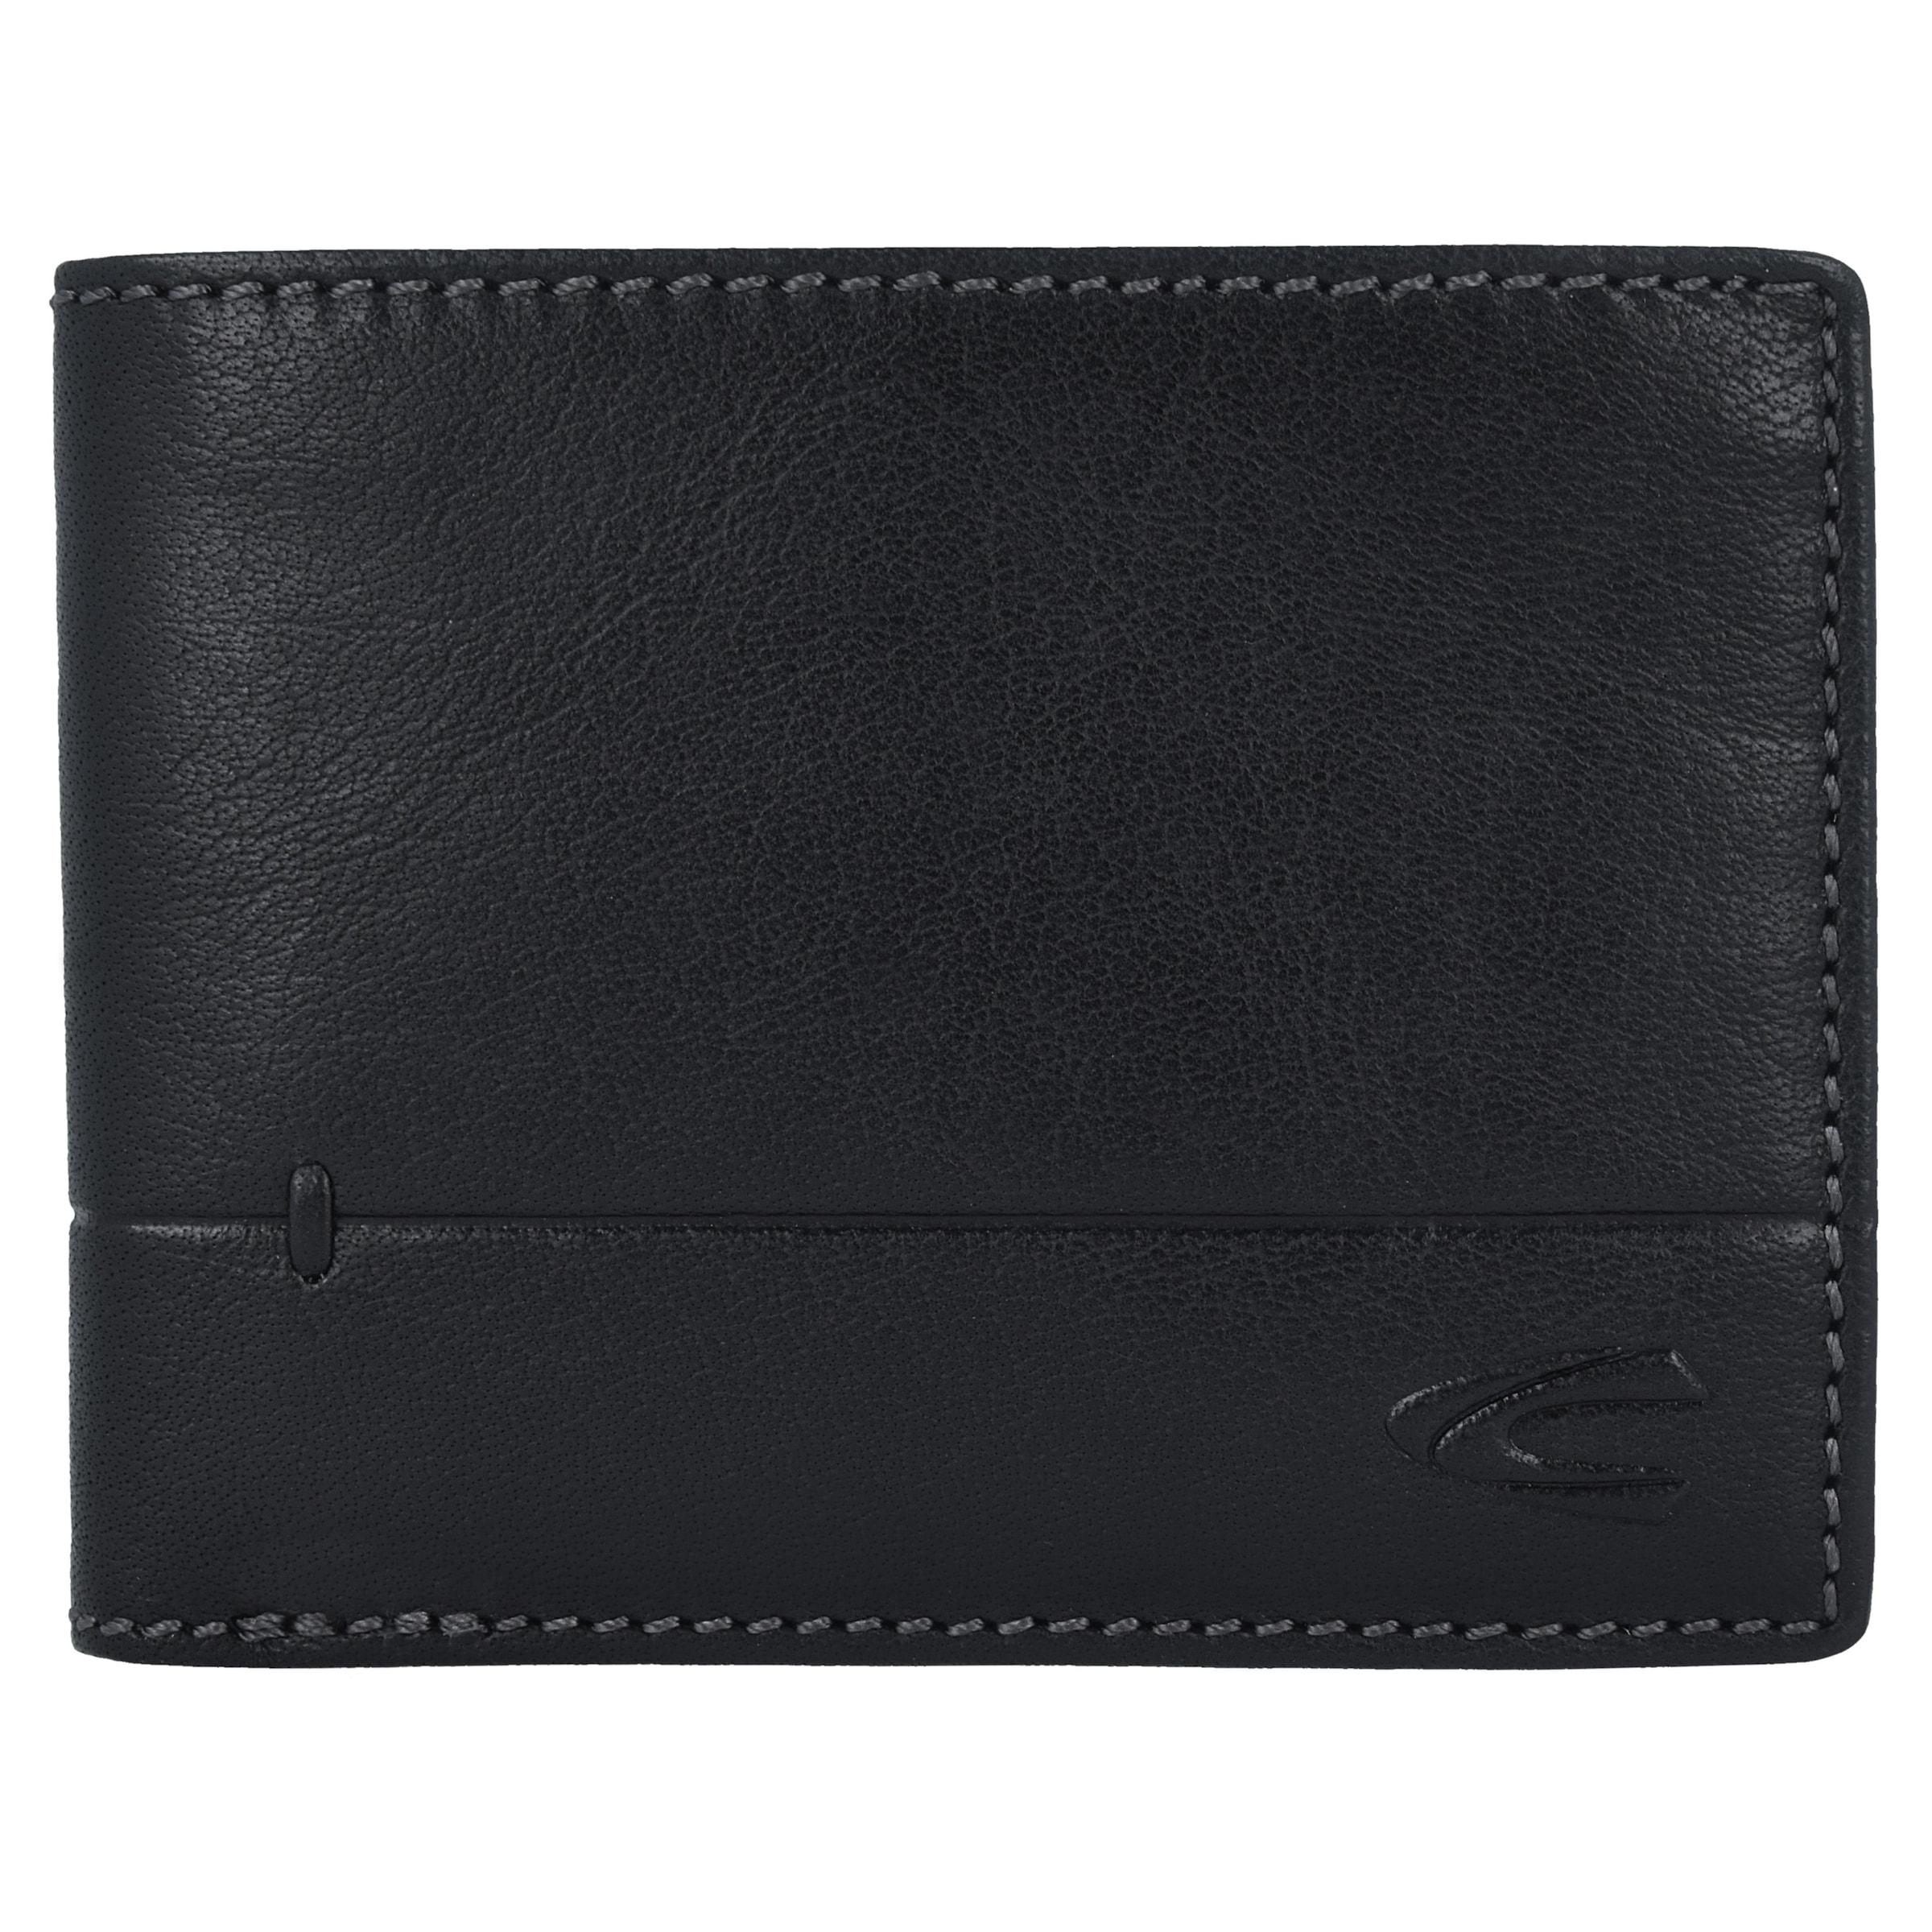 Spielraum Zahlung Mit Visa CAMEL ACTIVE Jakarta Geldbörse Leder 11 cm Spielraum Niedrigen Preis Versandgebühr Cty3rtqcKE